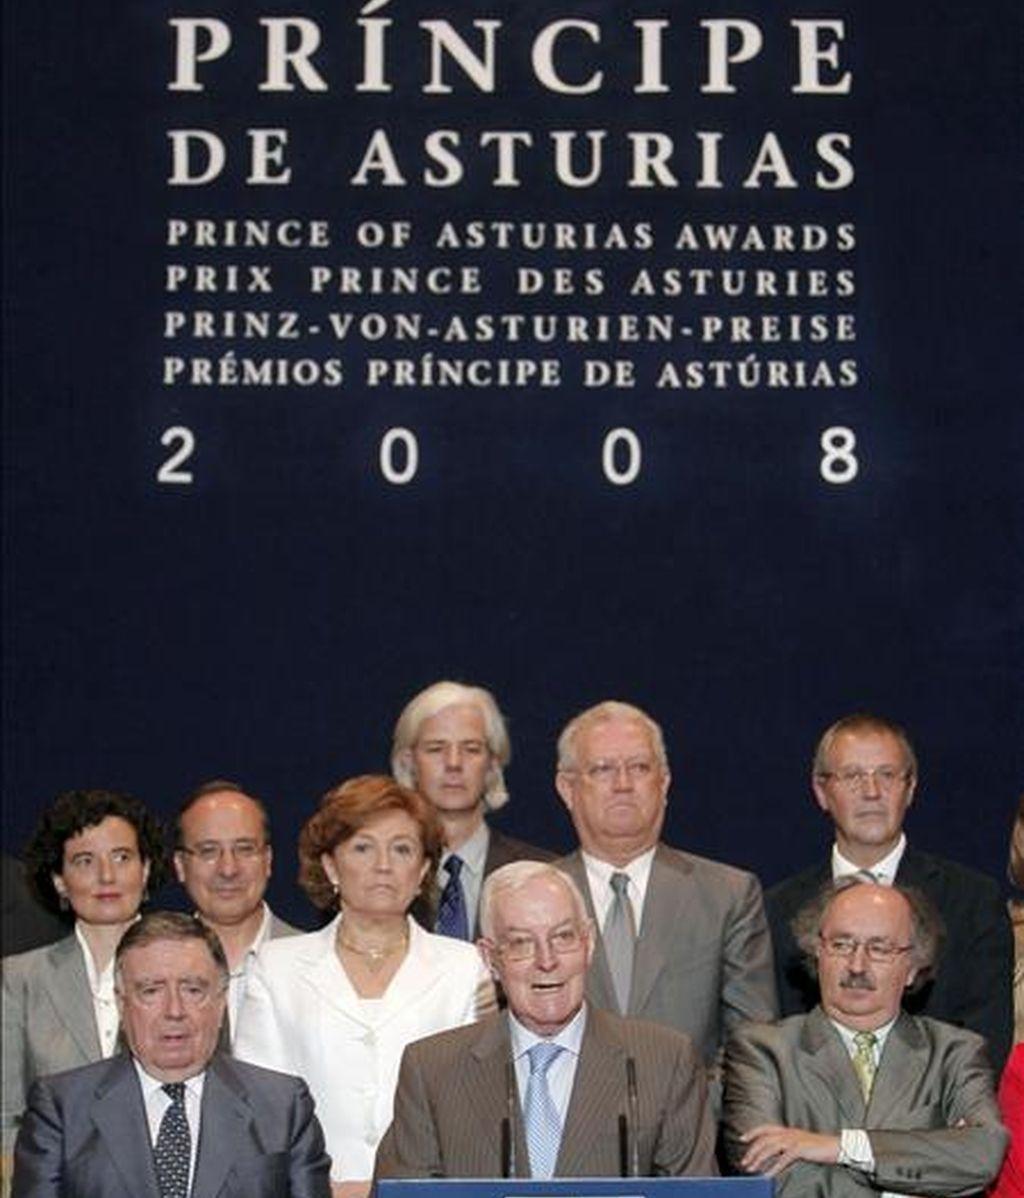 El jurado del Premio Príncipe de Asturias de las Letras 2008, presidido por el director de la Real Academia Española (RAE), Víctor García de la Concha (c), en el momento de anunciar el galardón de la pasada edición que recayó en la escritora canadiense Margaret Atwood. EFE/Archivo